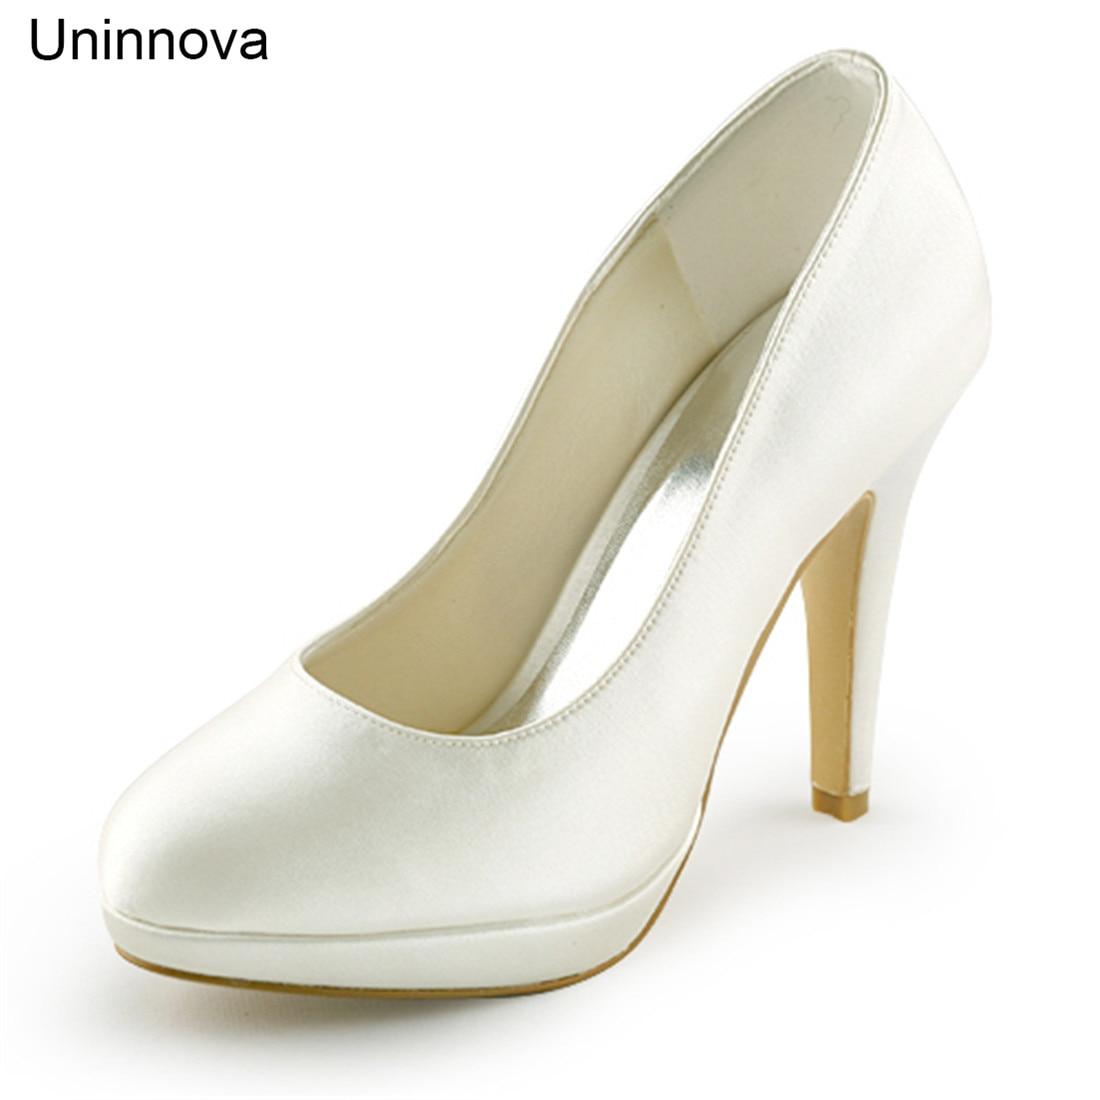 Elegante Dünne High Heels Braut Brautjungfer Elfenbein Weiß Champagner Plattform Pumpen Luxus Satin Hochzeit Schuhe Uninnova 521 1 LY